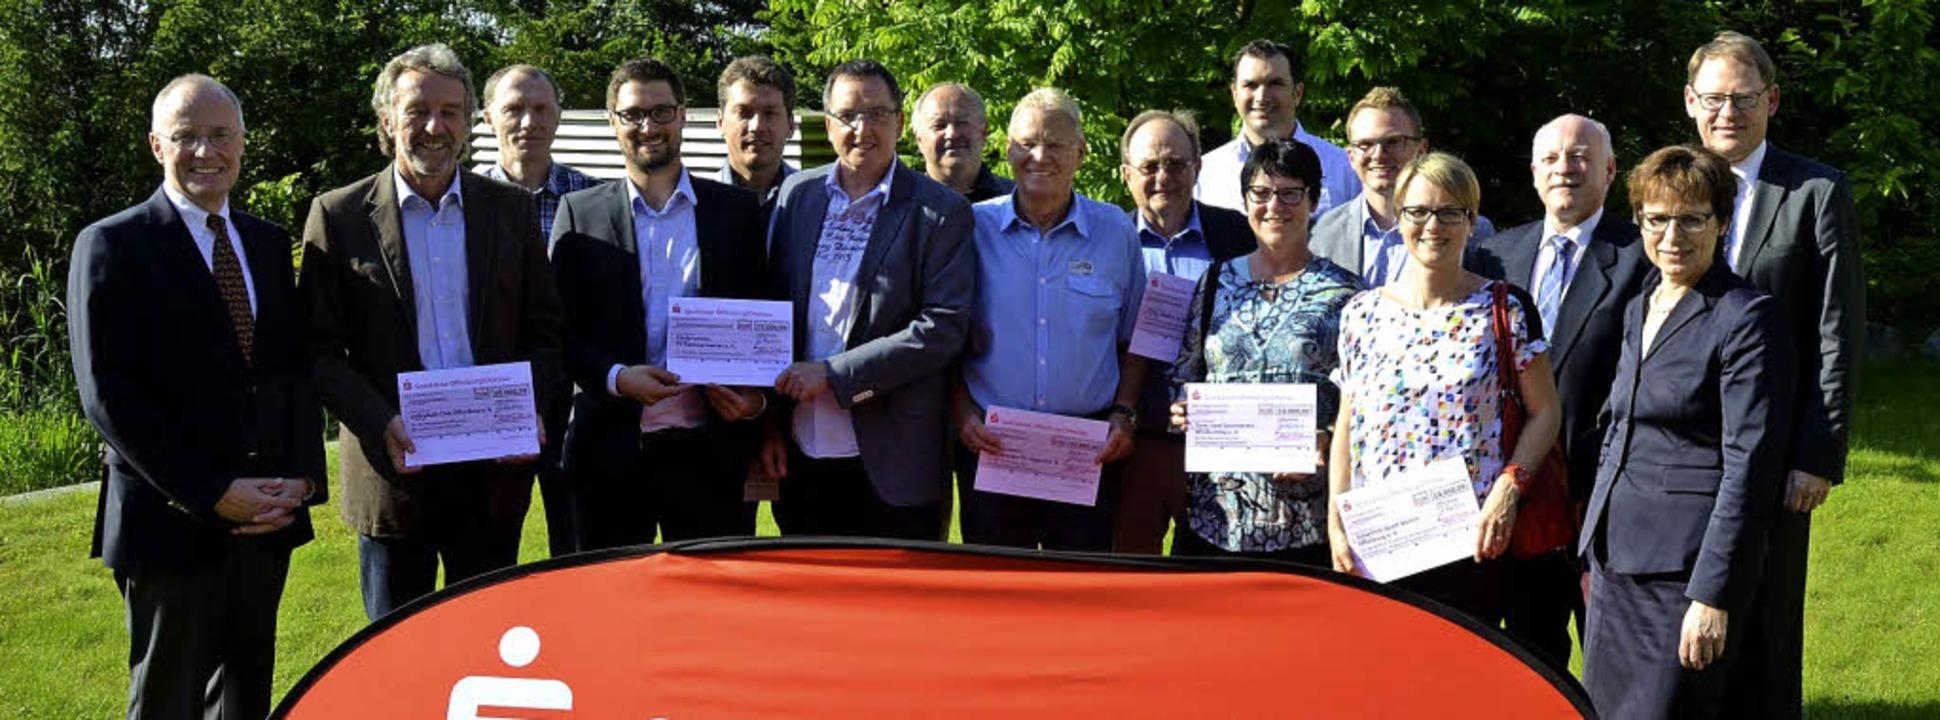 Spendenübergabe der Regionalstiftung d...rg/Ortenau an Offenburger Sportvereine    Foto: Burgmaier Ralf